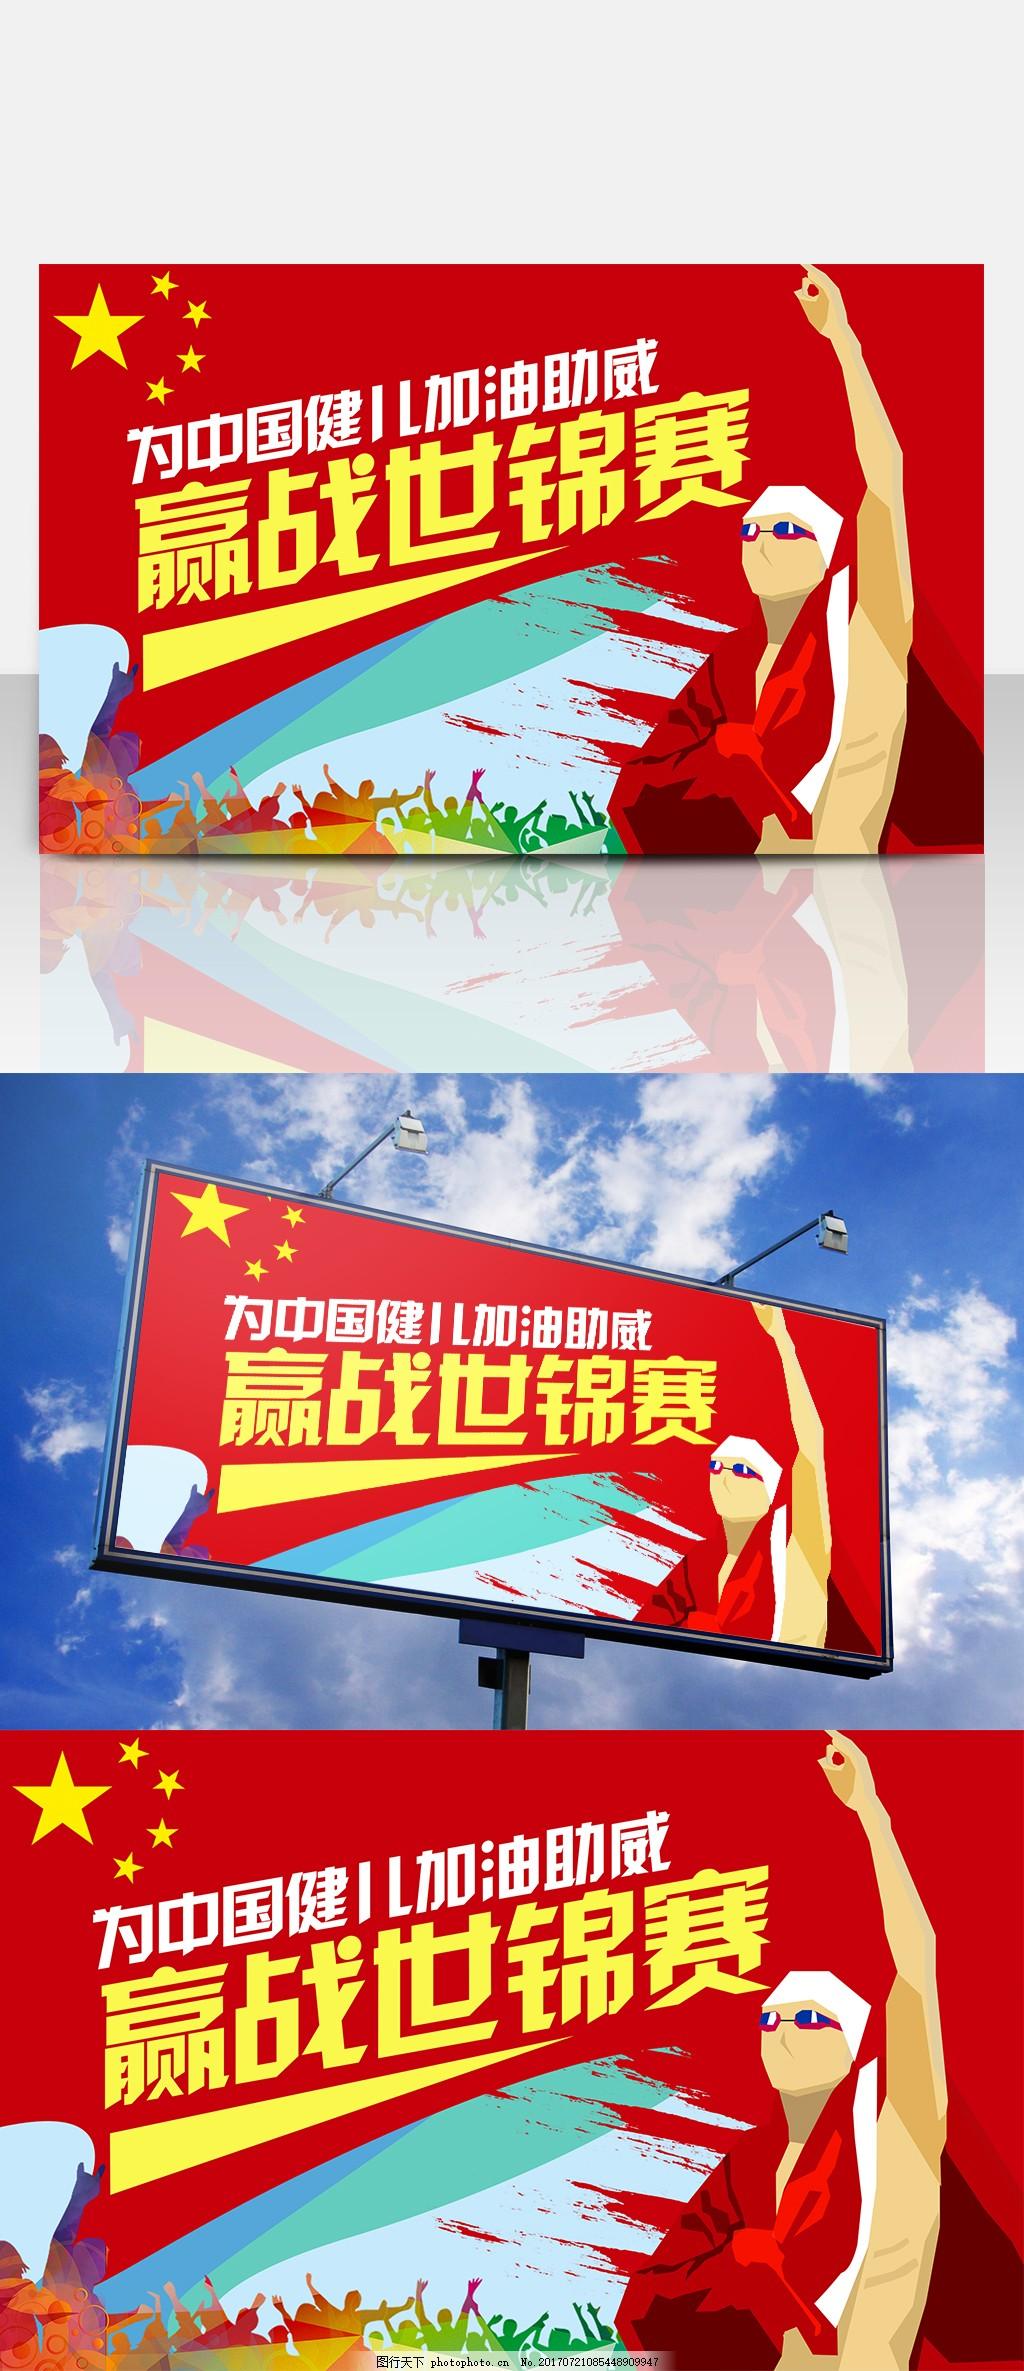 赢战游泳世锦赛海报 原创运动员插画 国旗 助威加油海报 欢呼